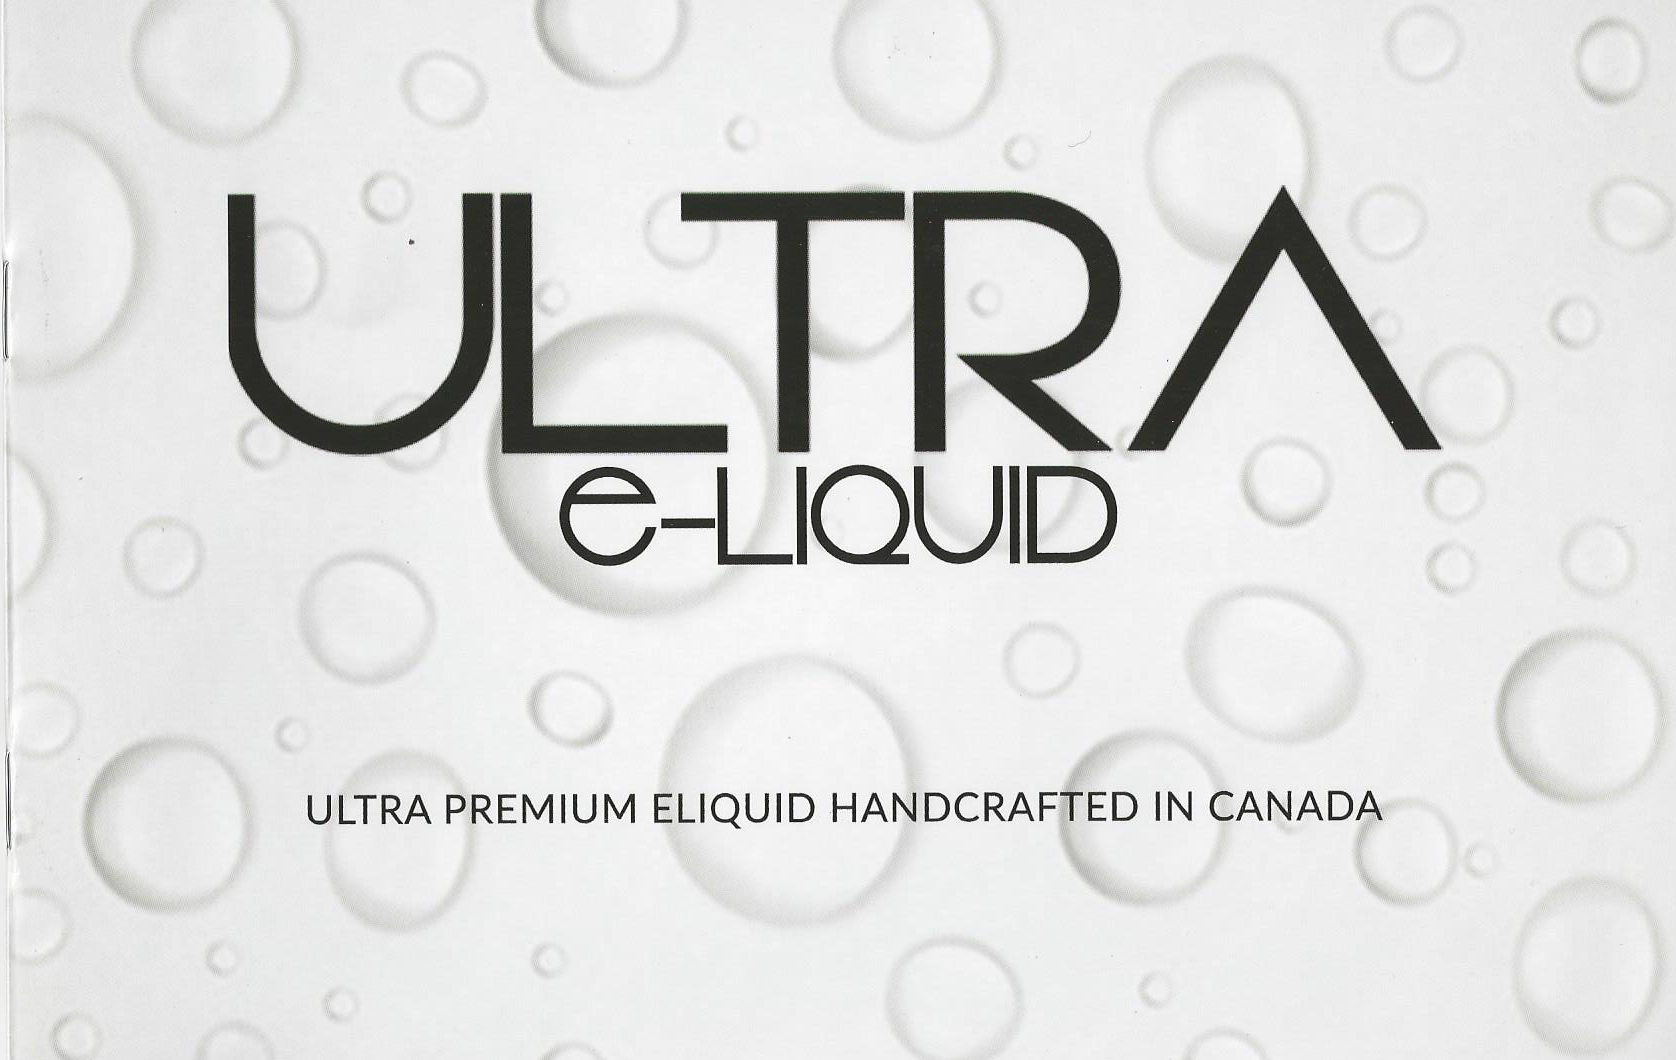 Ultra E-Liquid